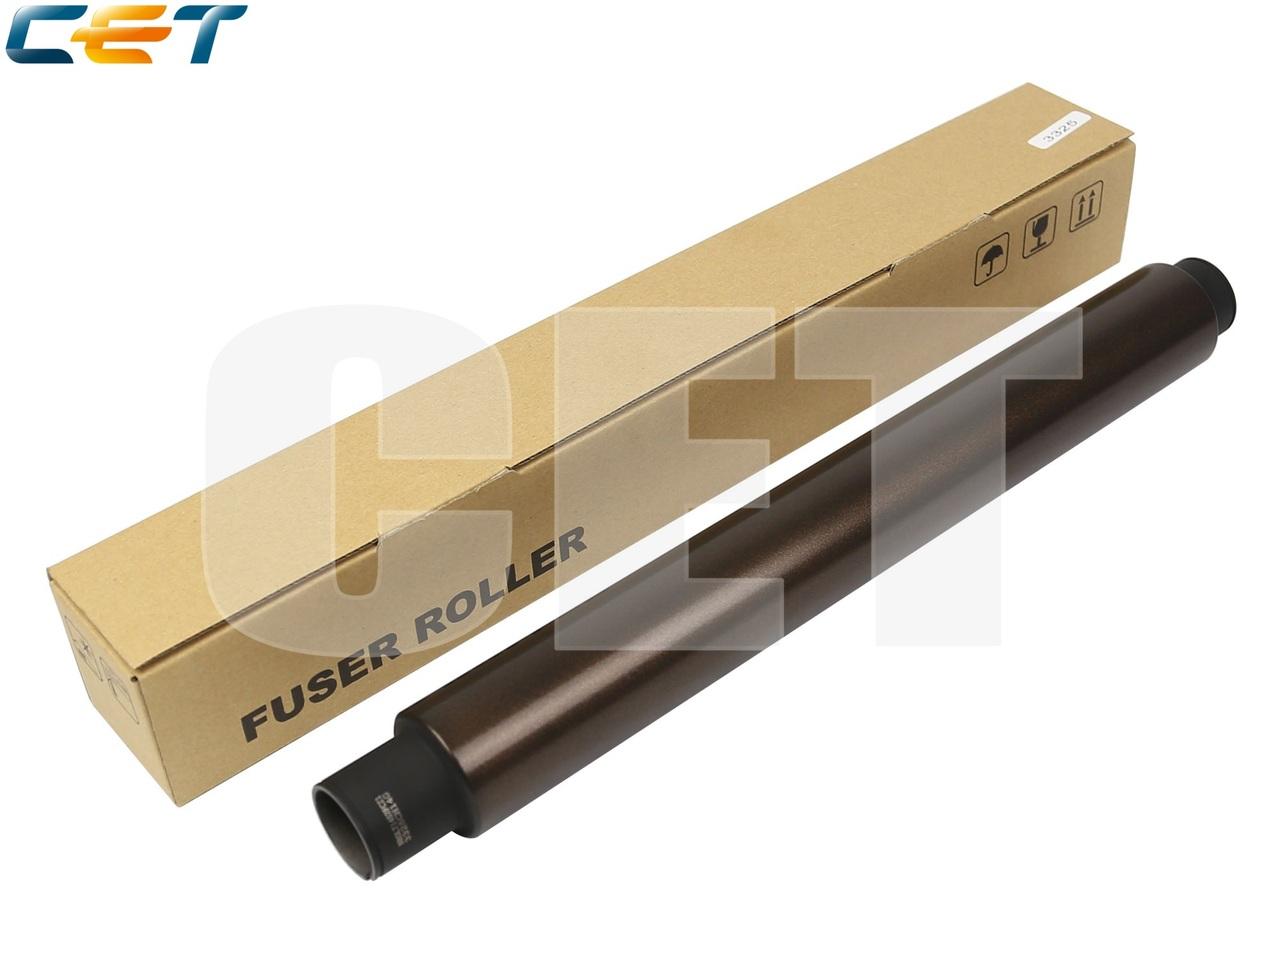 Тефлоновый вал NROLT1452FCZ1 для SHARPARM550/M620/M700, MX-M550/M620/M700 (CET), CET3325